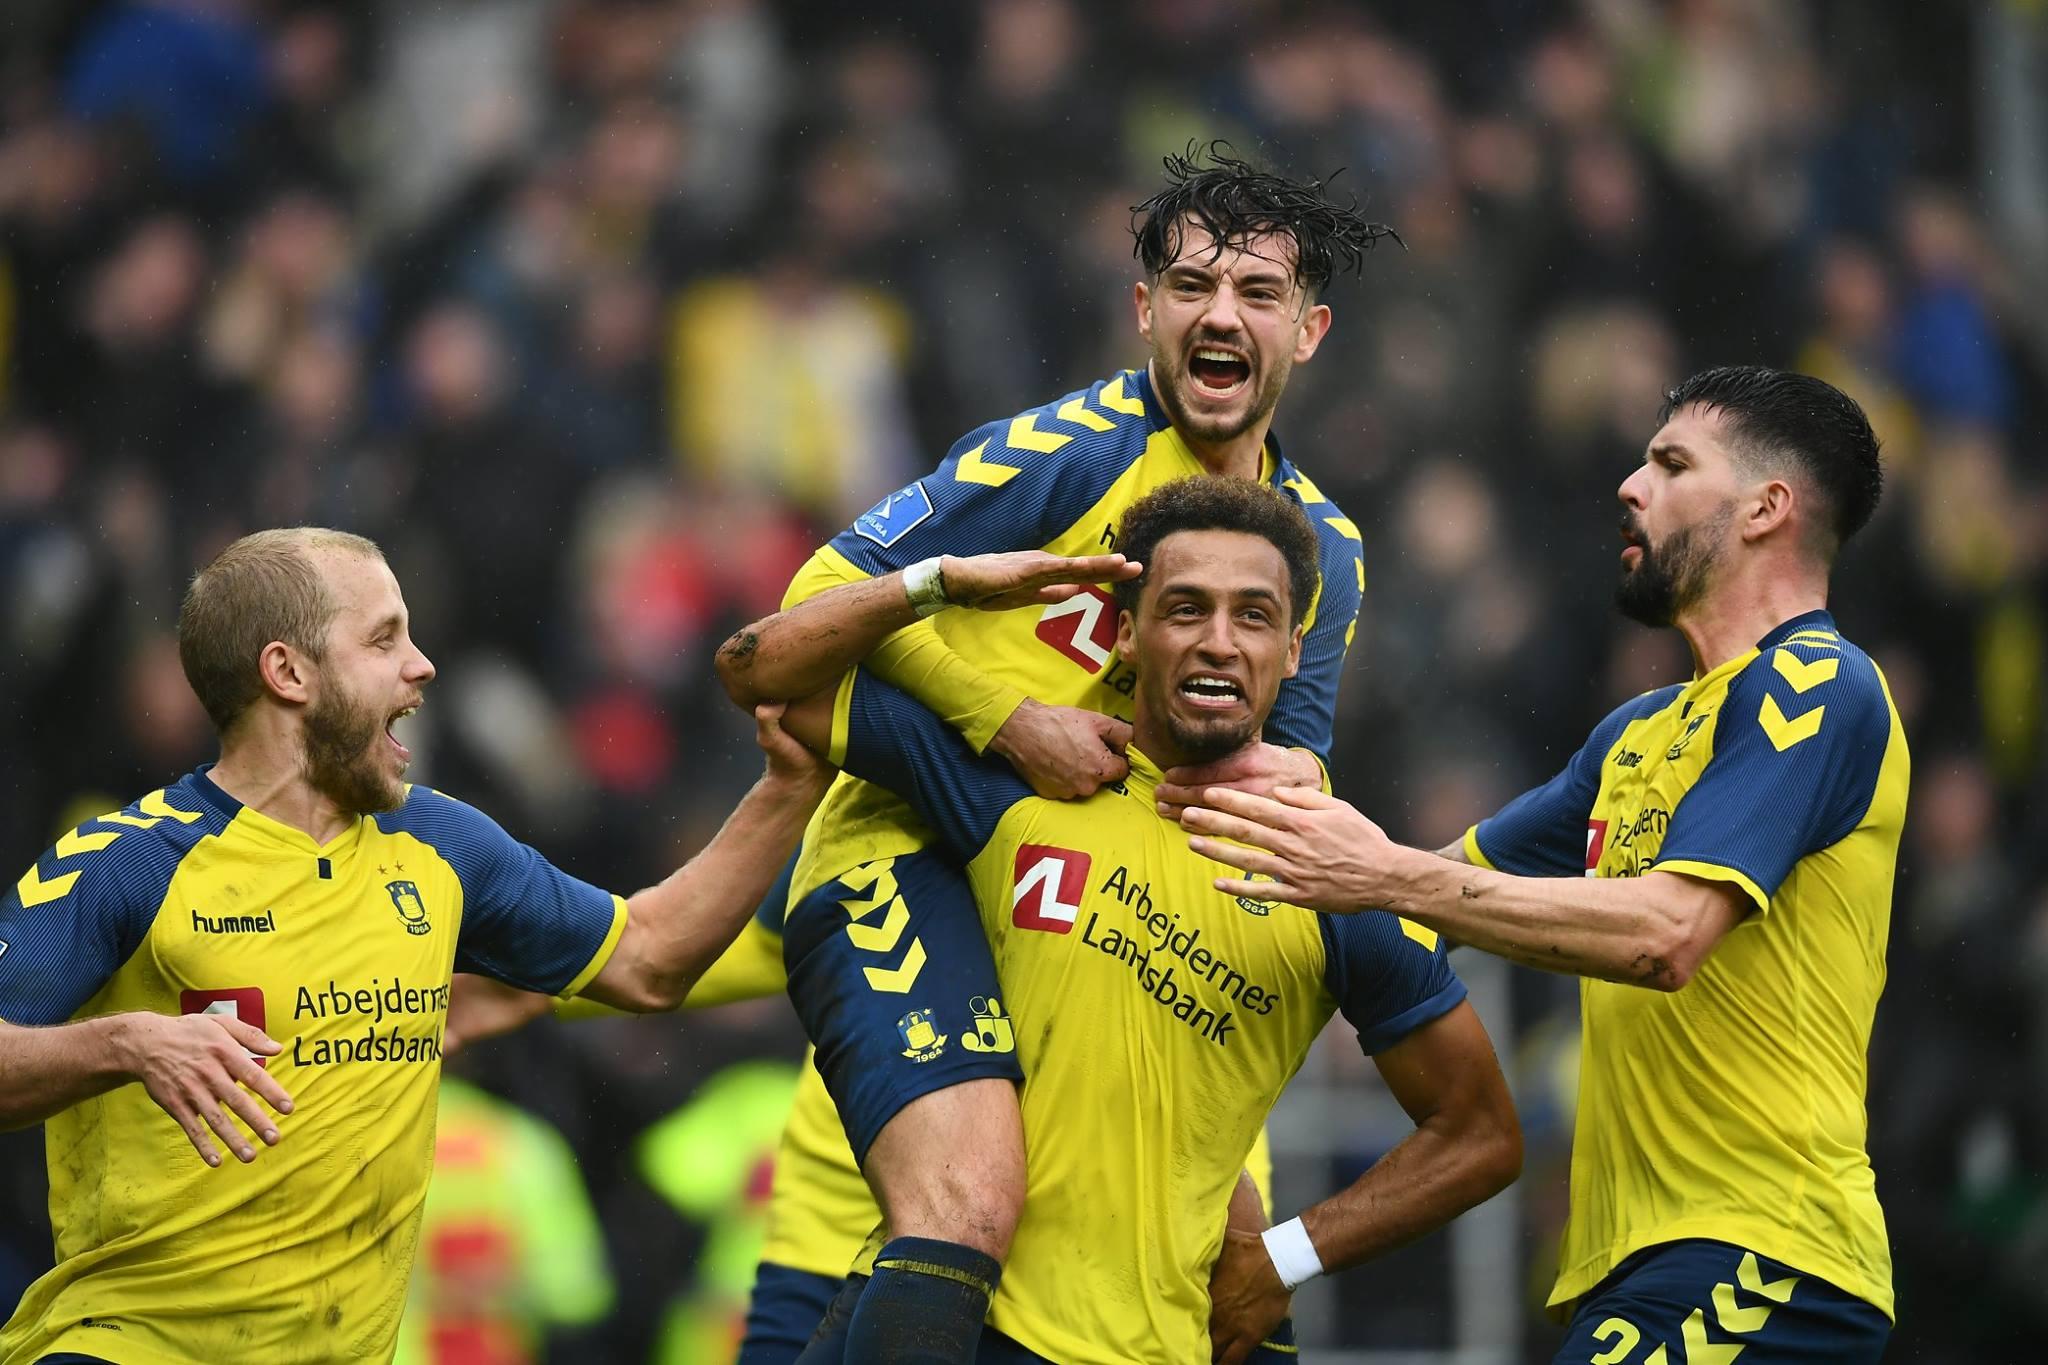 Superliga Danimarca 5 maggio: si giocano 4 gare della post season in Danimarca. Sfide nei 2 gruppi, scudetto e retrocessione.